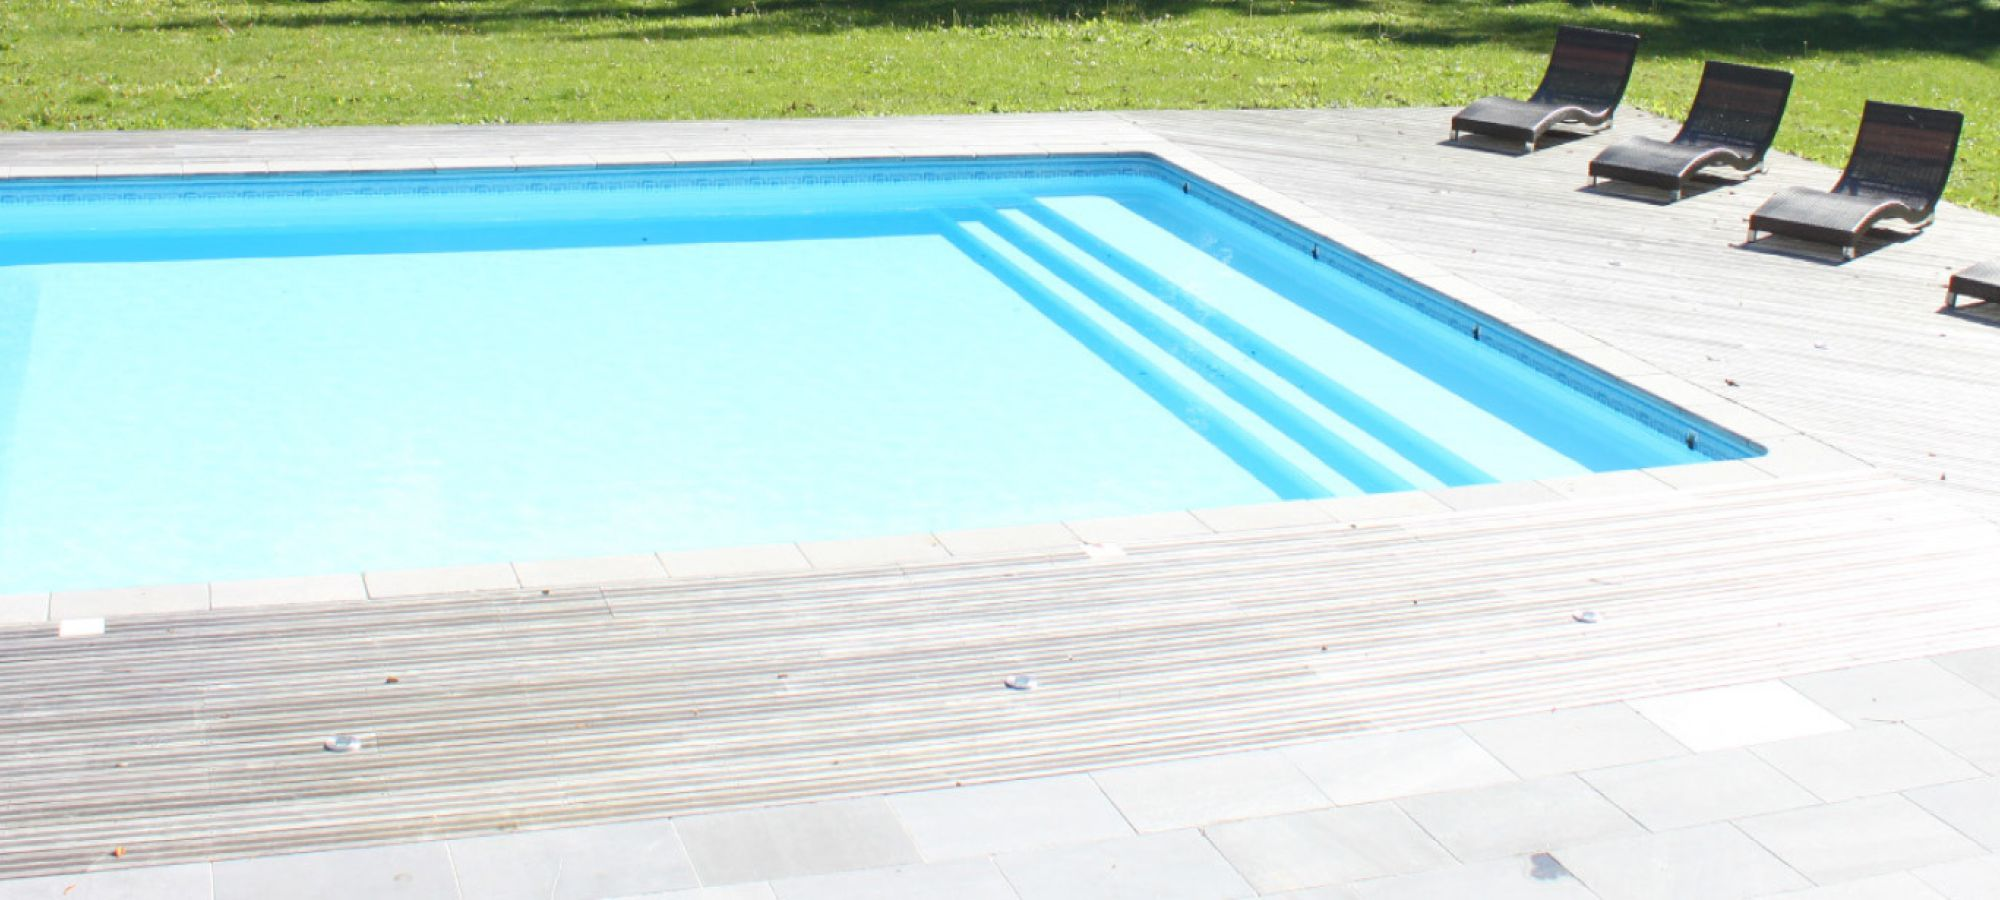 une piscine dans votre jardin comment la choisir en fonction de votre budget. Black Bedroom Furniture Sets. Home Design Ideas